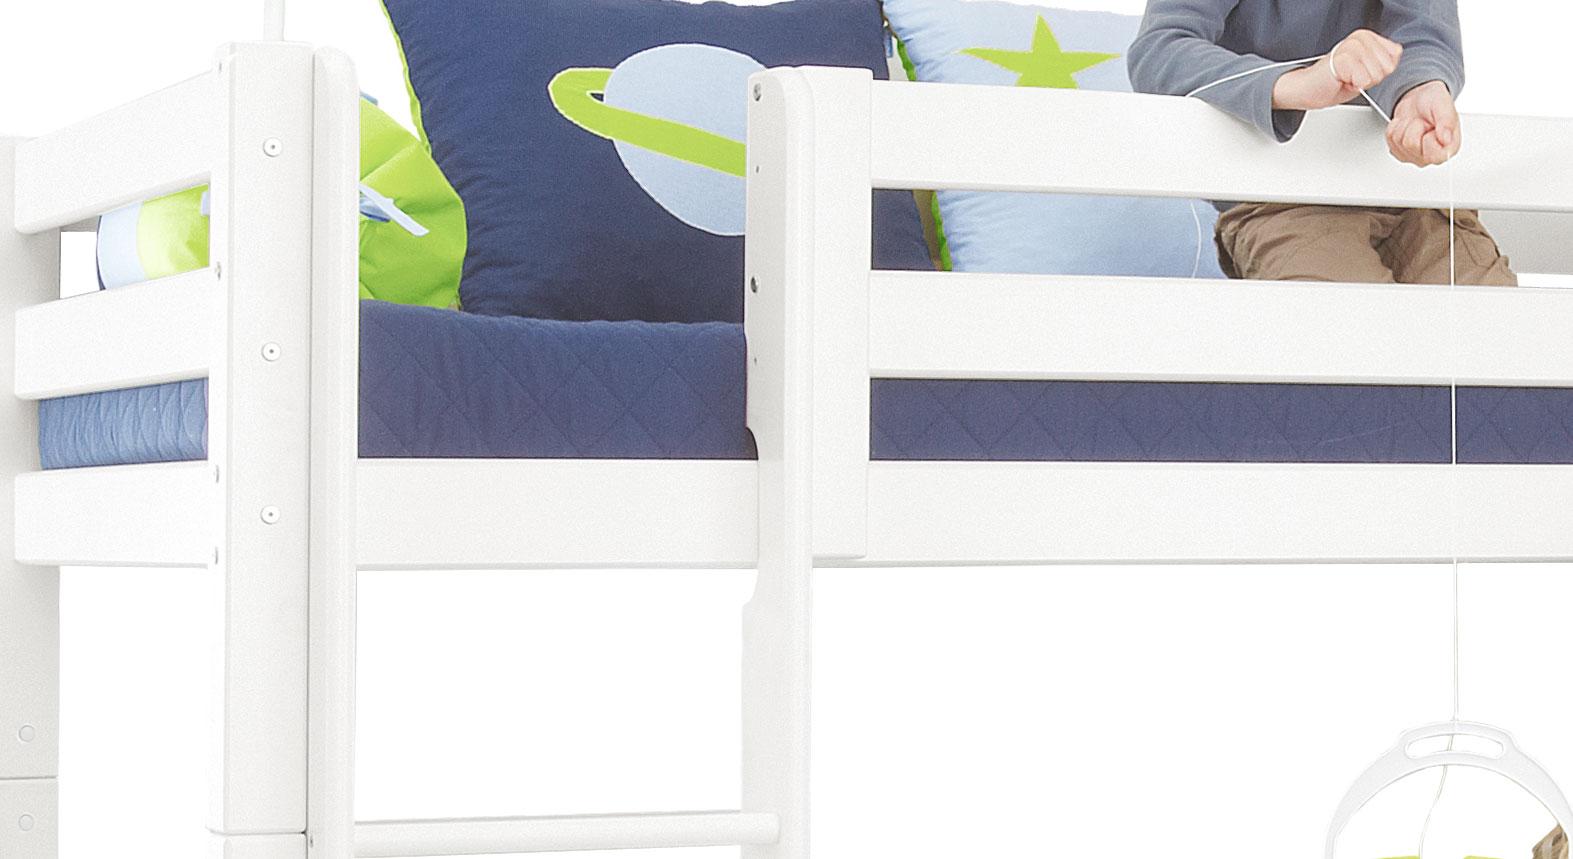 Etagenbett Absturzsicherung : Eck etagenbett in weiß aus massivem kiefernholz kids royalty